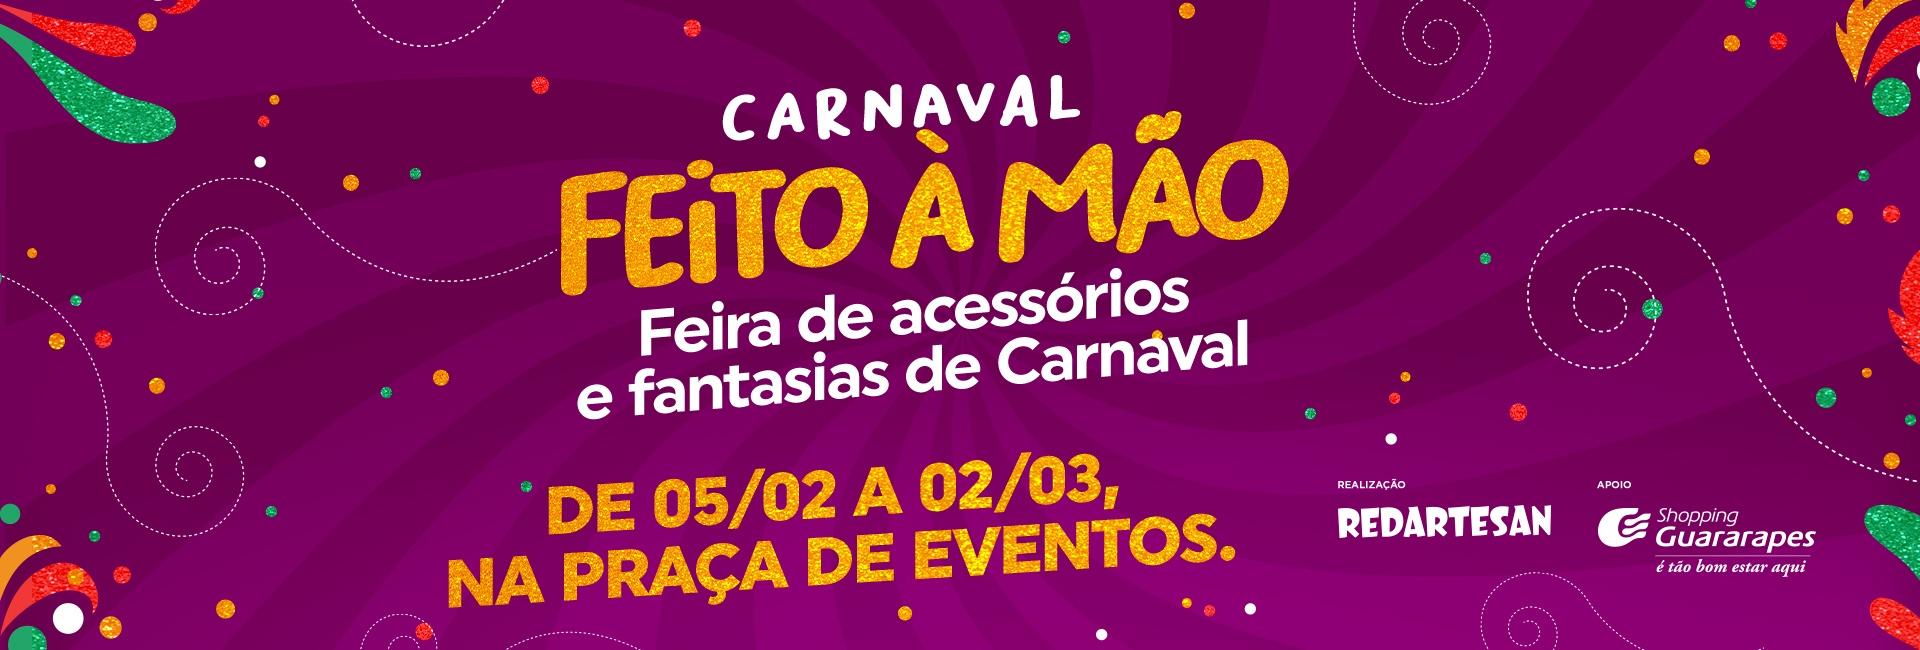 Carnaval feito à mão